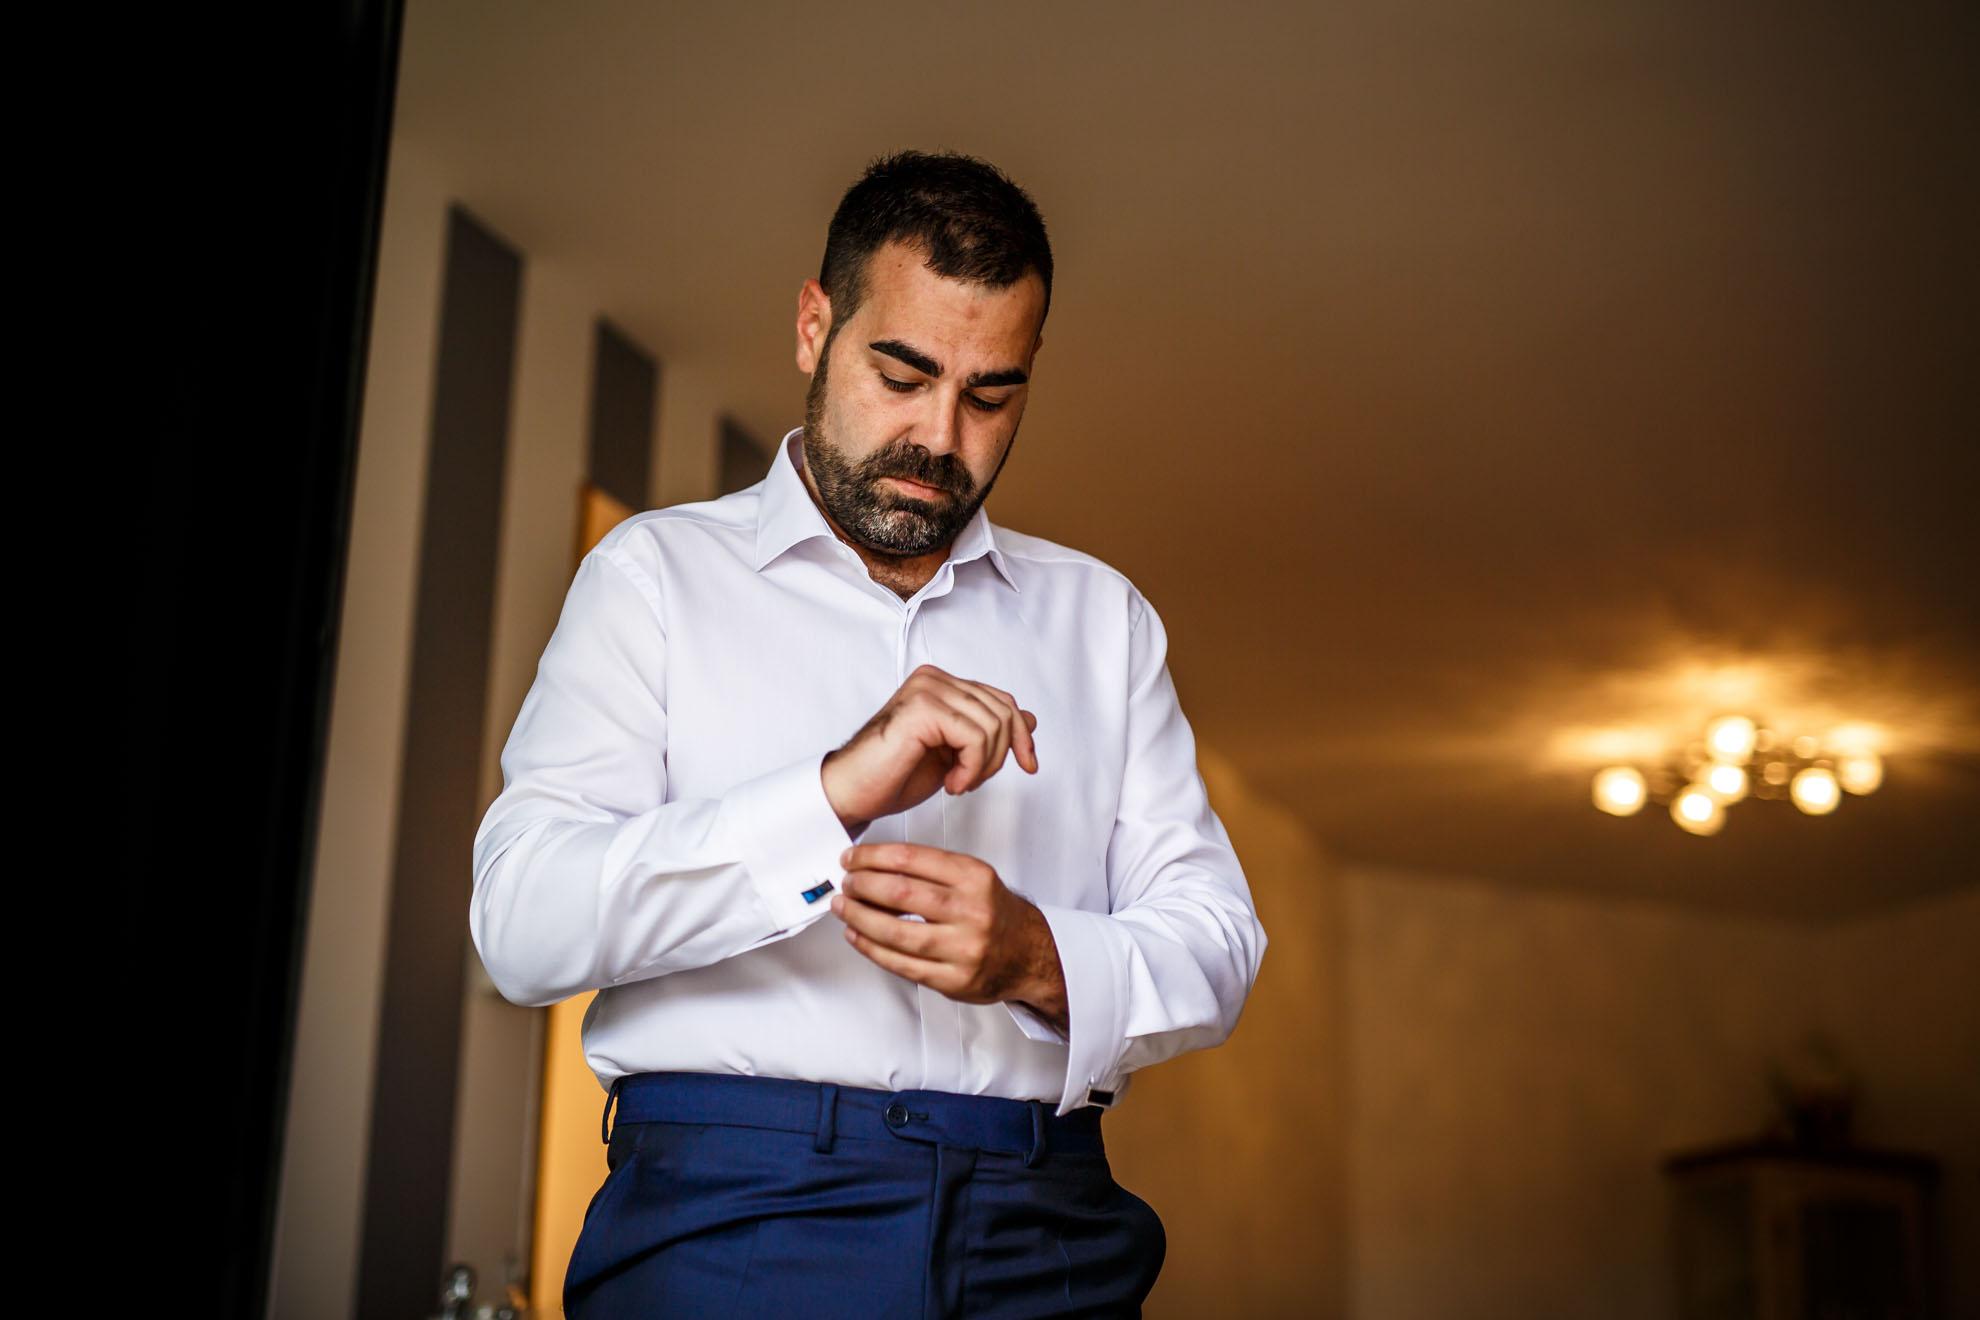 novio se ata el puño de la camisa